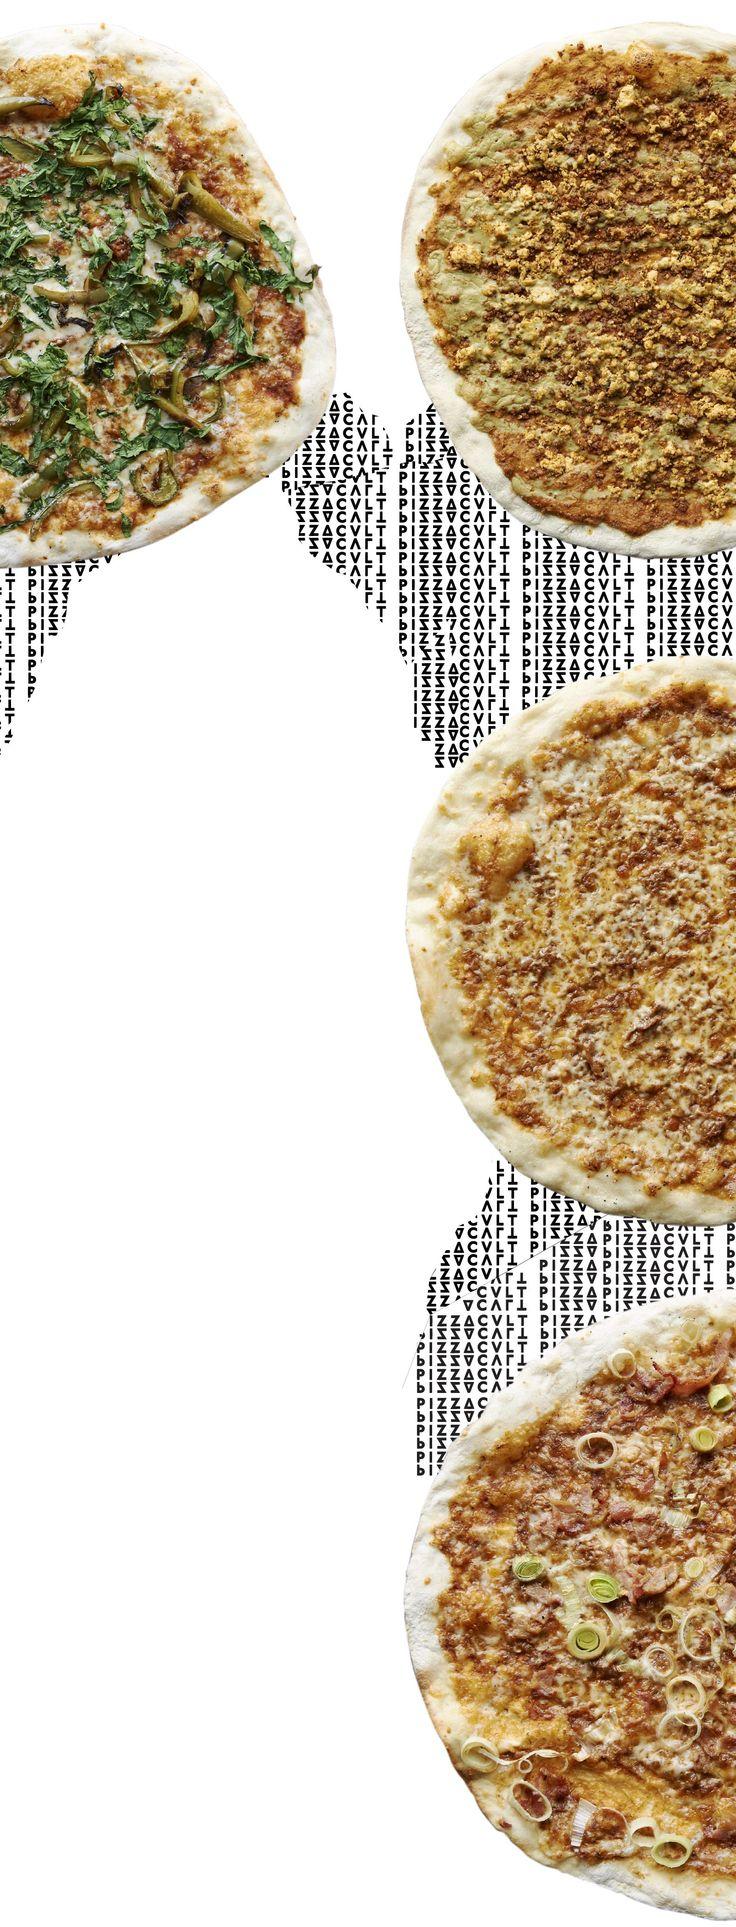 10 best licaris sicilian pizza kitchen images on Pinterest | Pizza ...